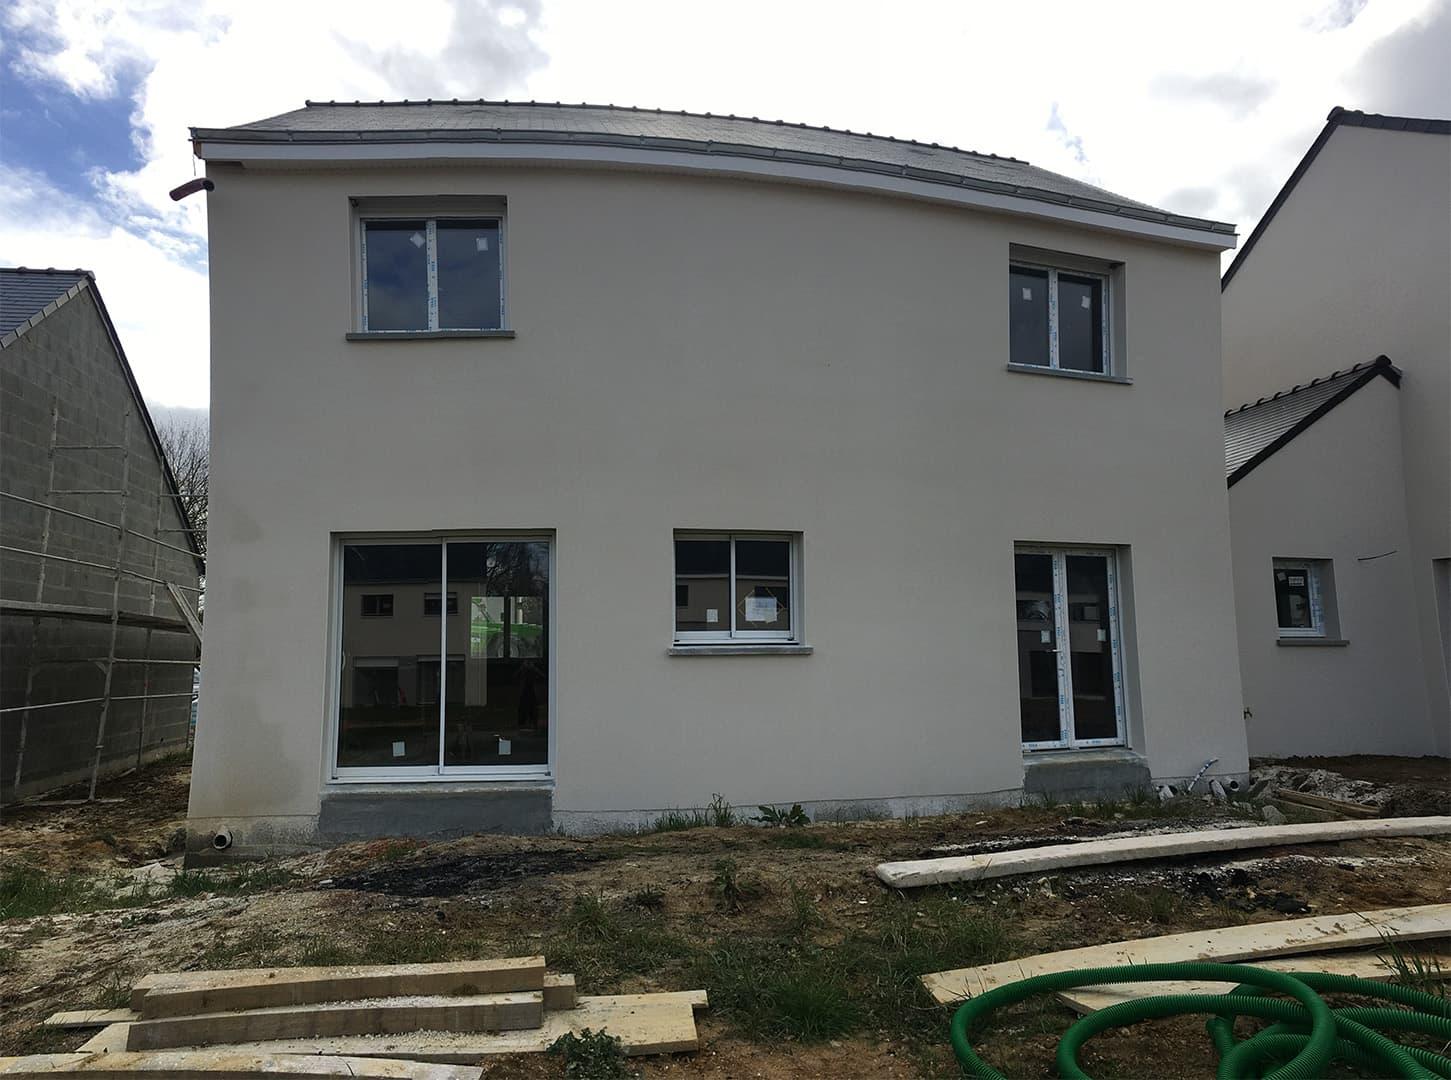 maison suce sur erdre pas cher vue arriere - Permis de construire - Maison individuelle traditionnelle à Sucé sur Erdre (44)